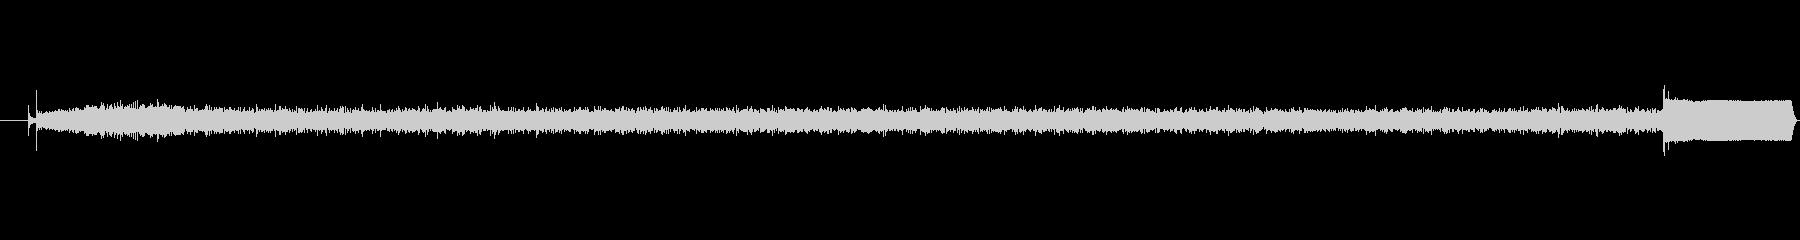 【生音】かちびーーーぴーー!レンジの音の未再生の波形